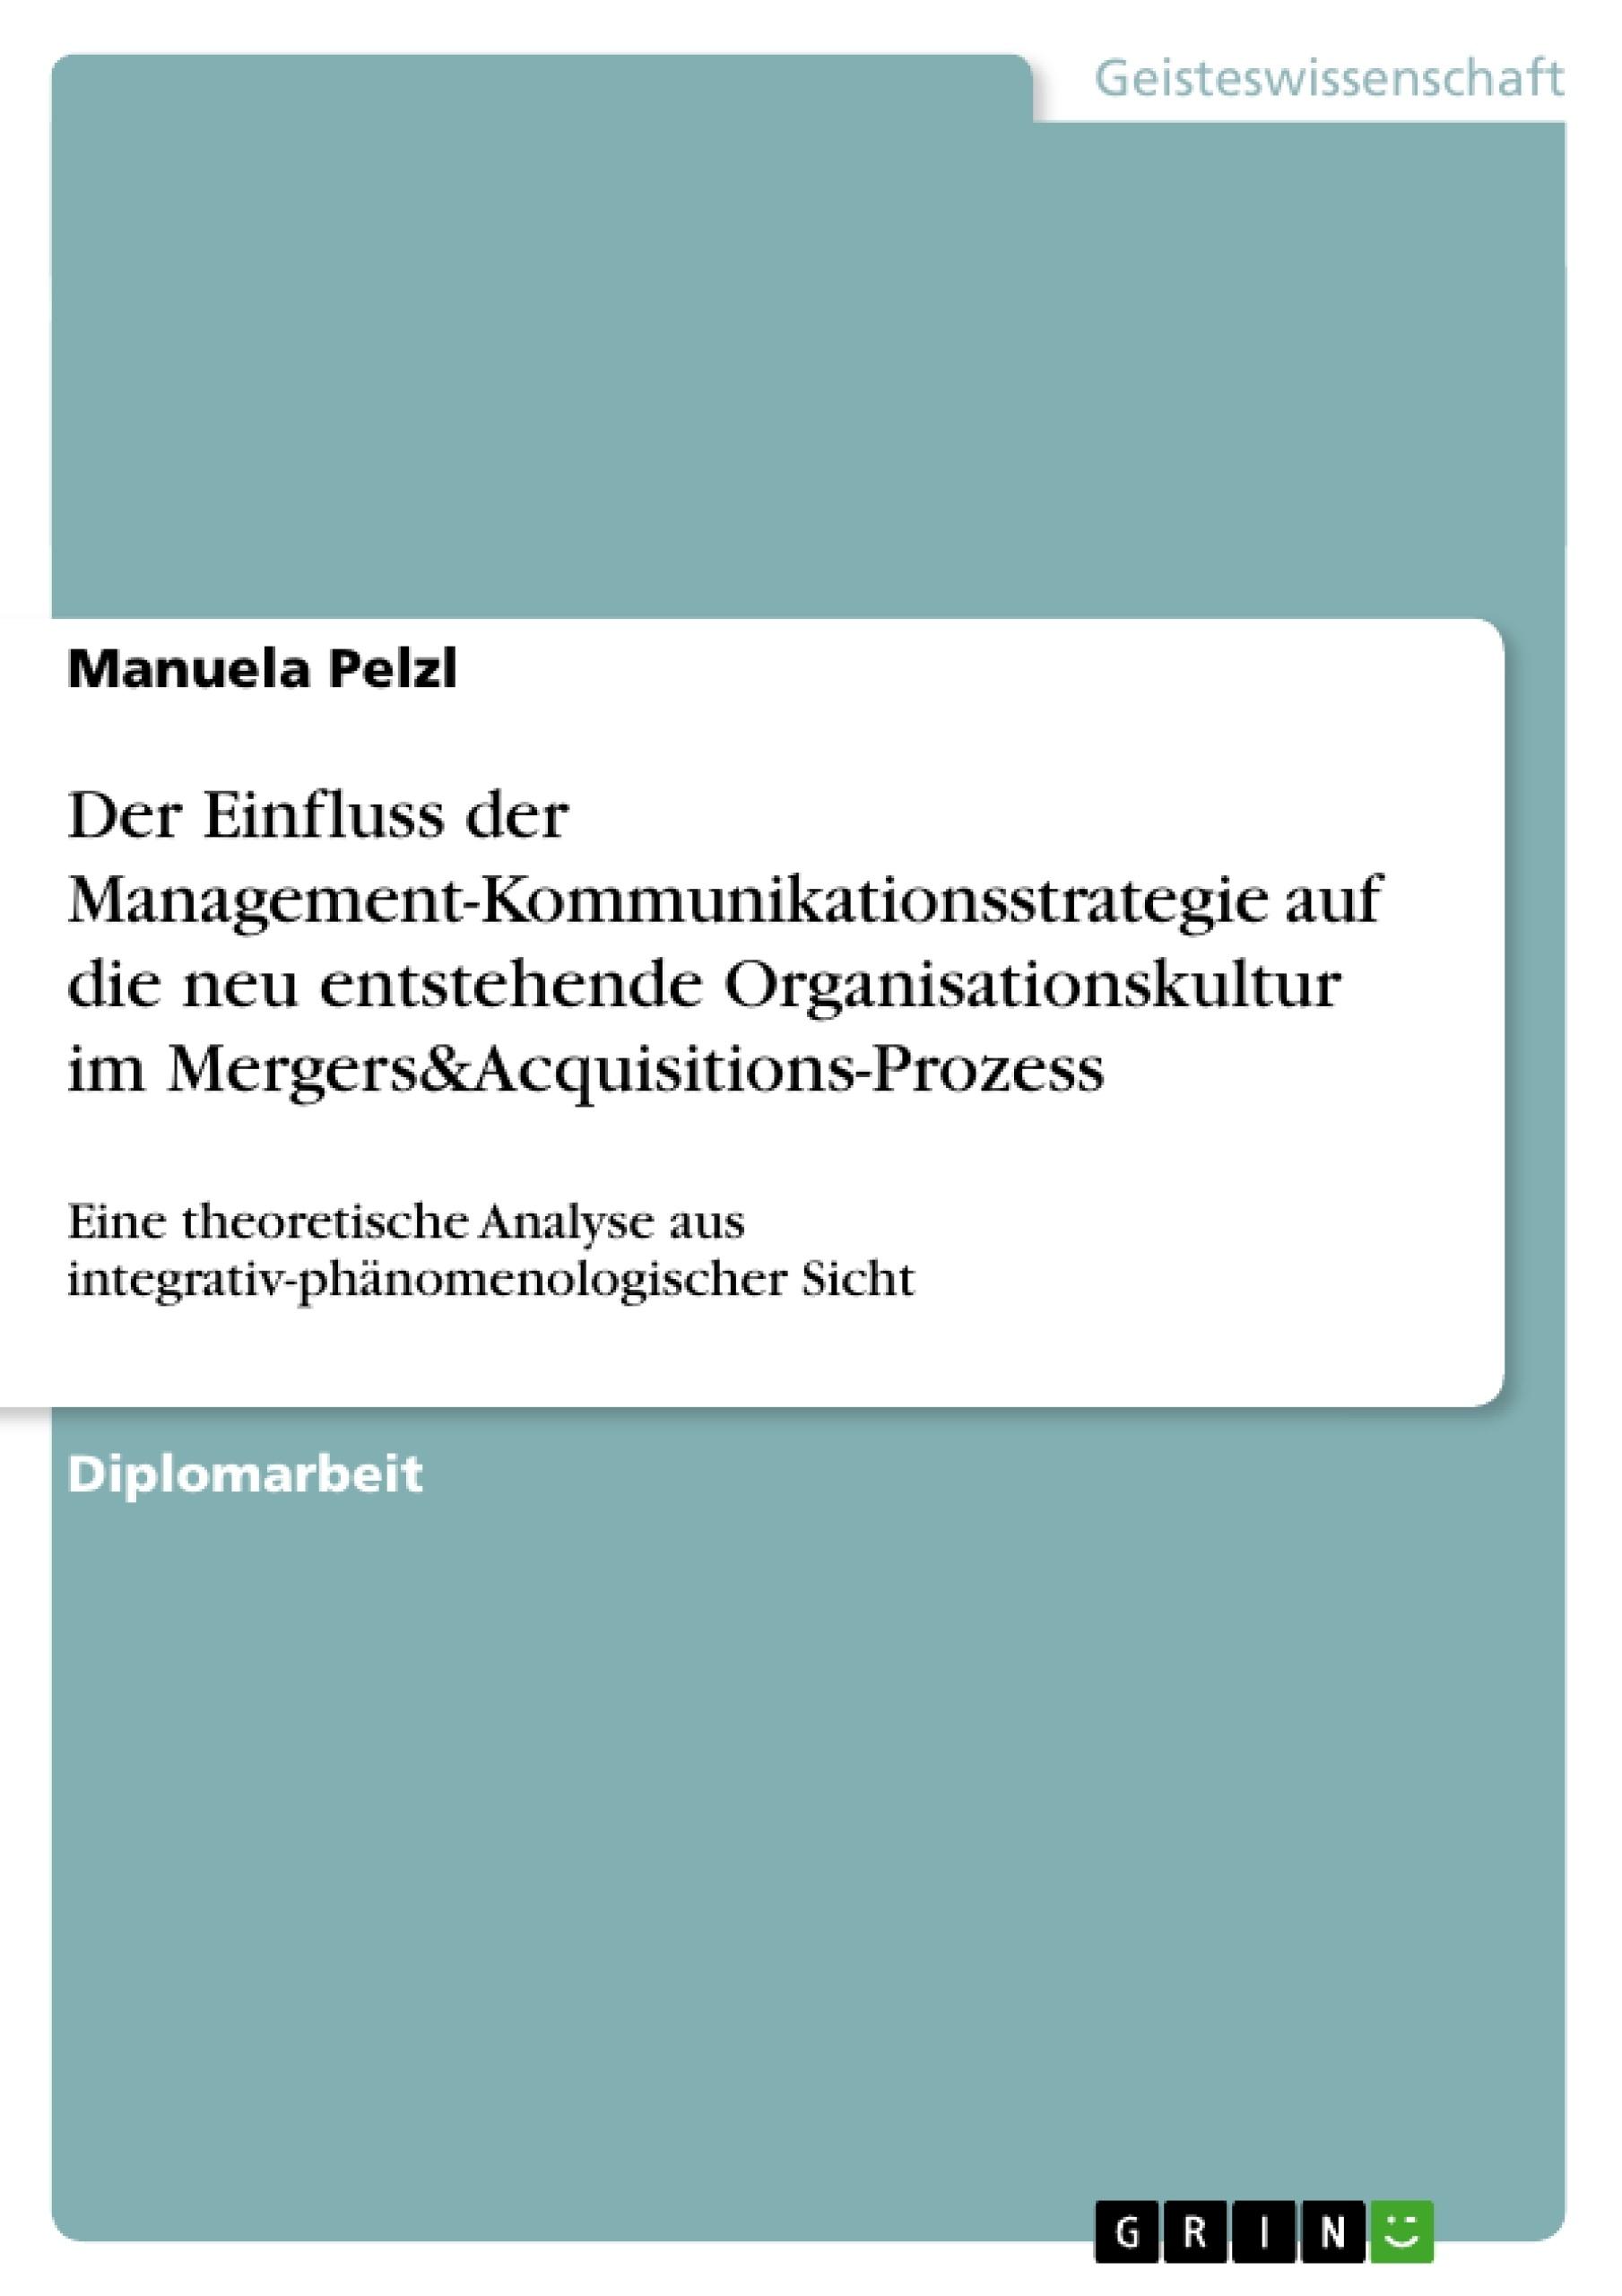 Titel: Der Einfluss der Management-Kommunikationsstrategie auf die neu entstehende Organisationskultur im Mergers&Acquisitions-Prozess